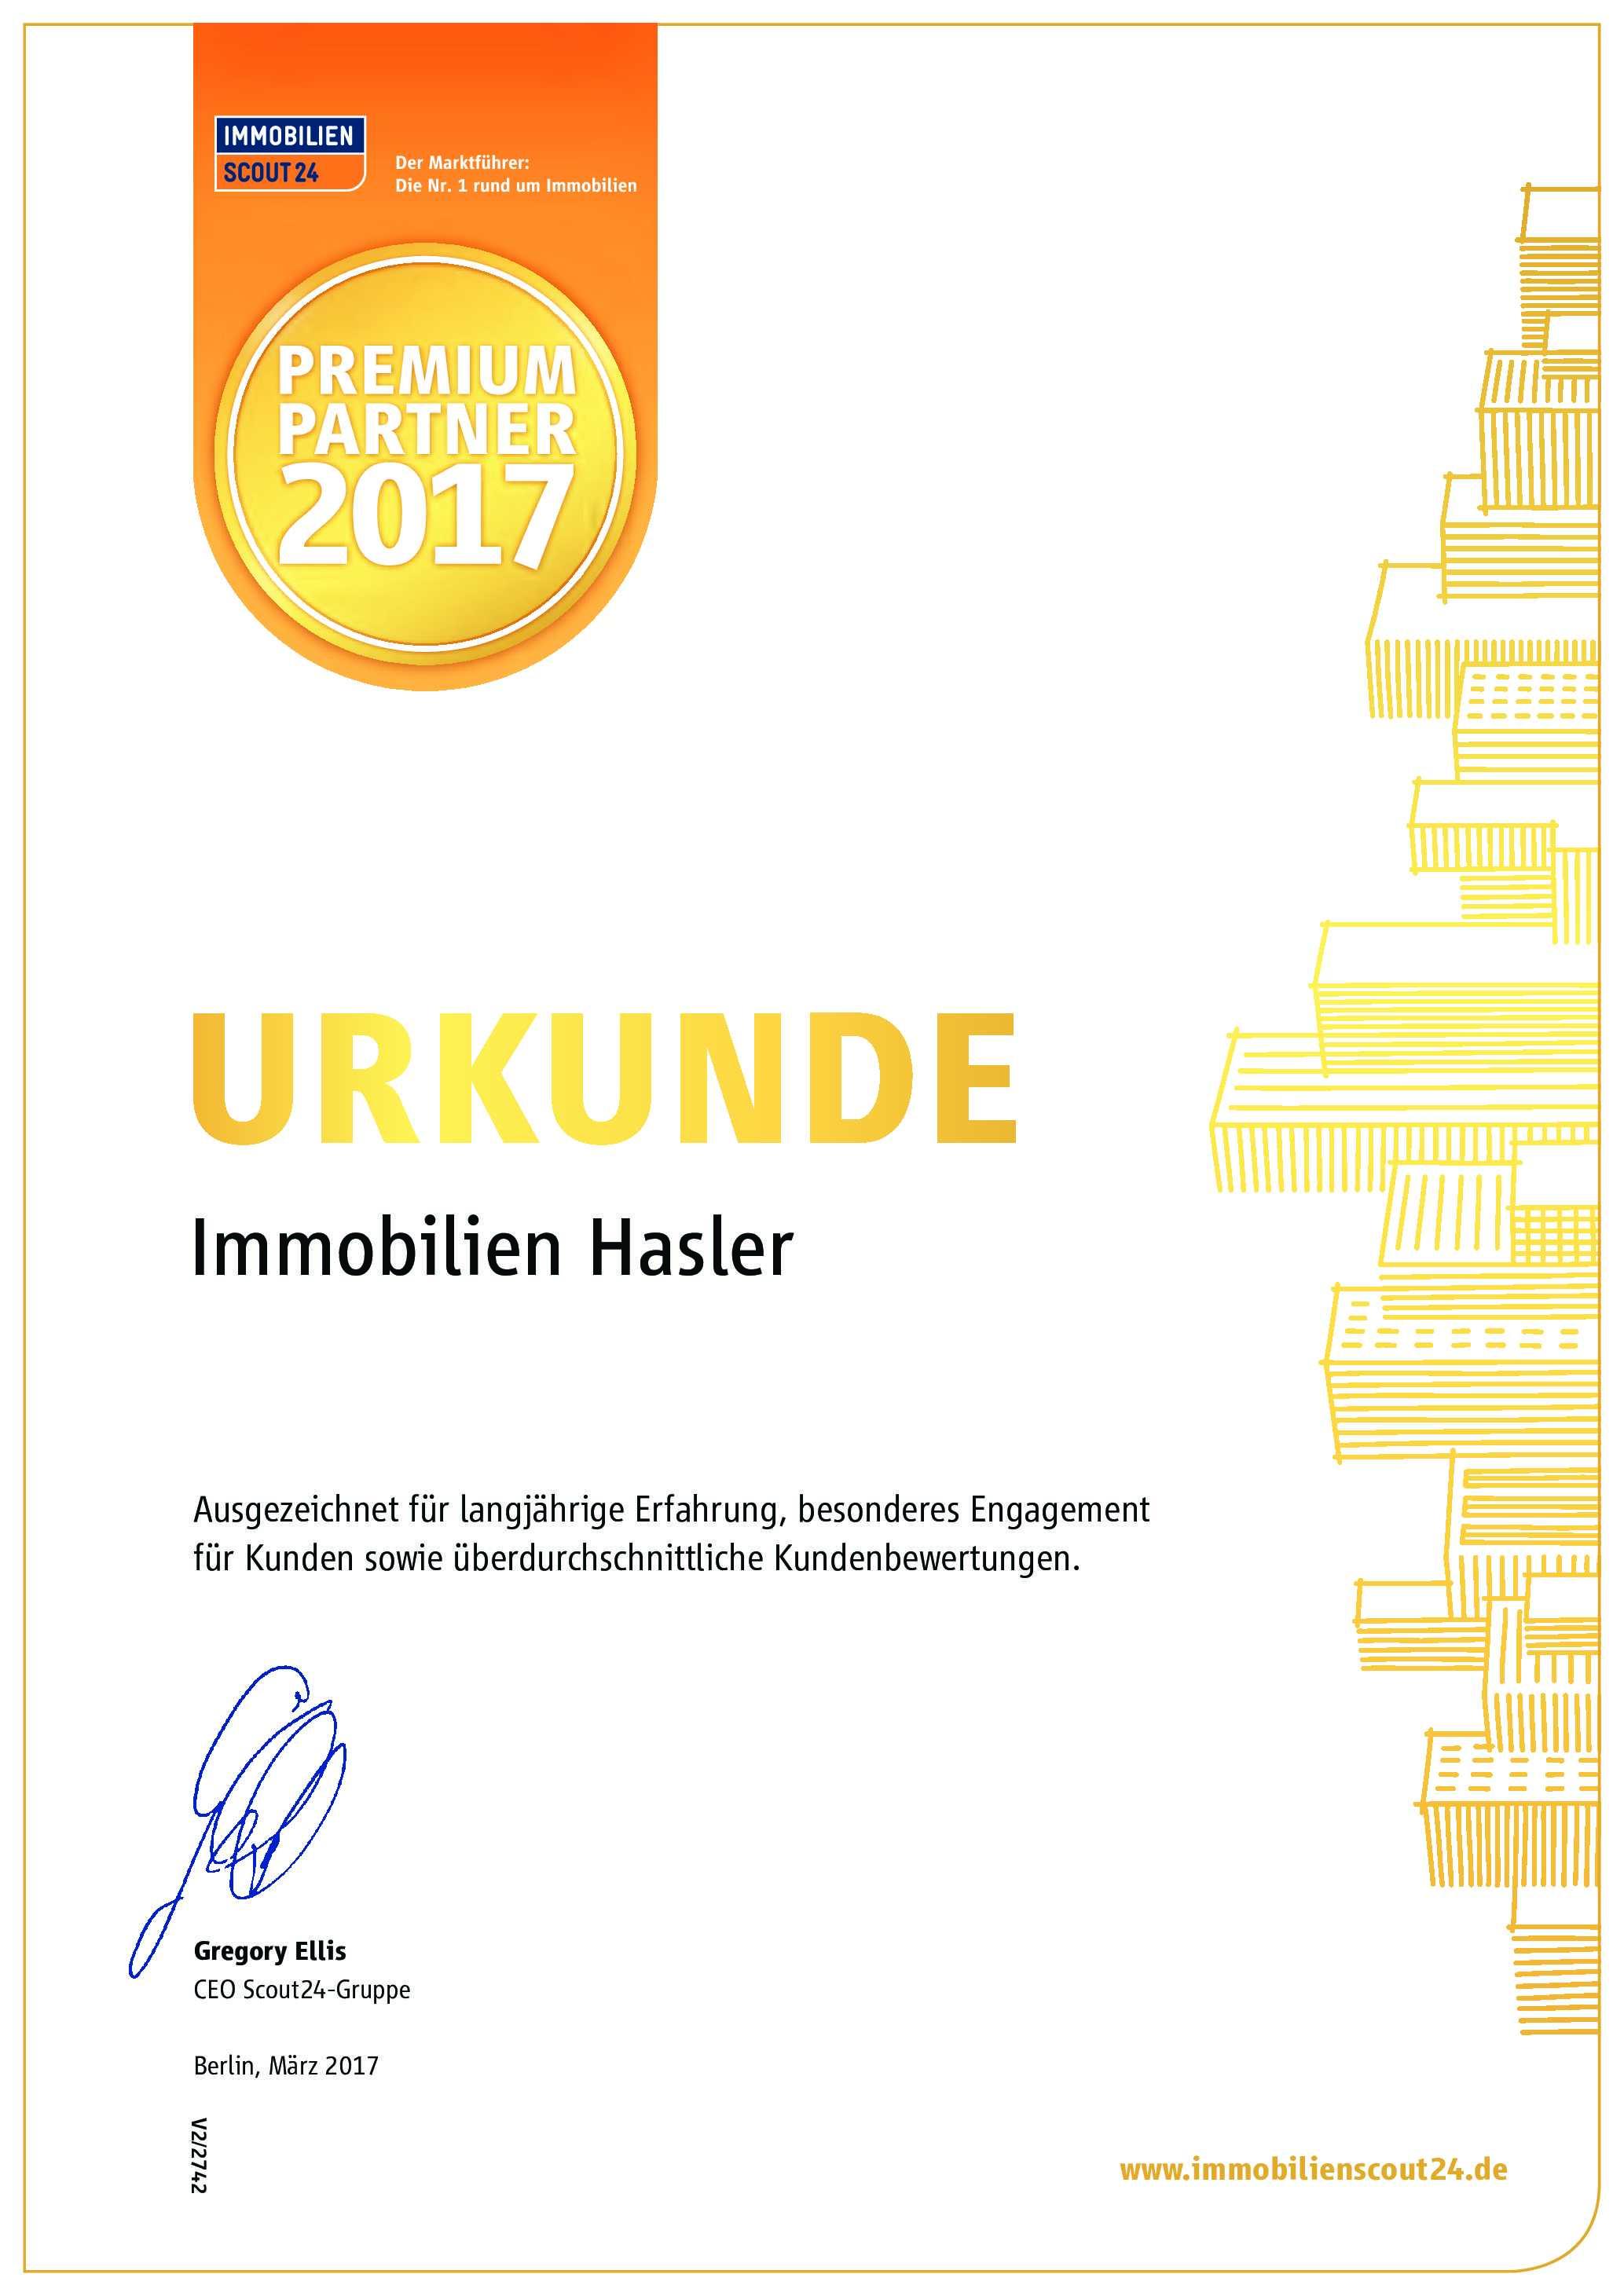 Referenzen & Auszeichnungen | Immobilien Hasler